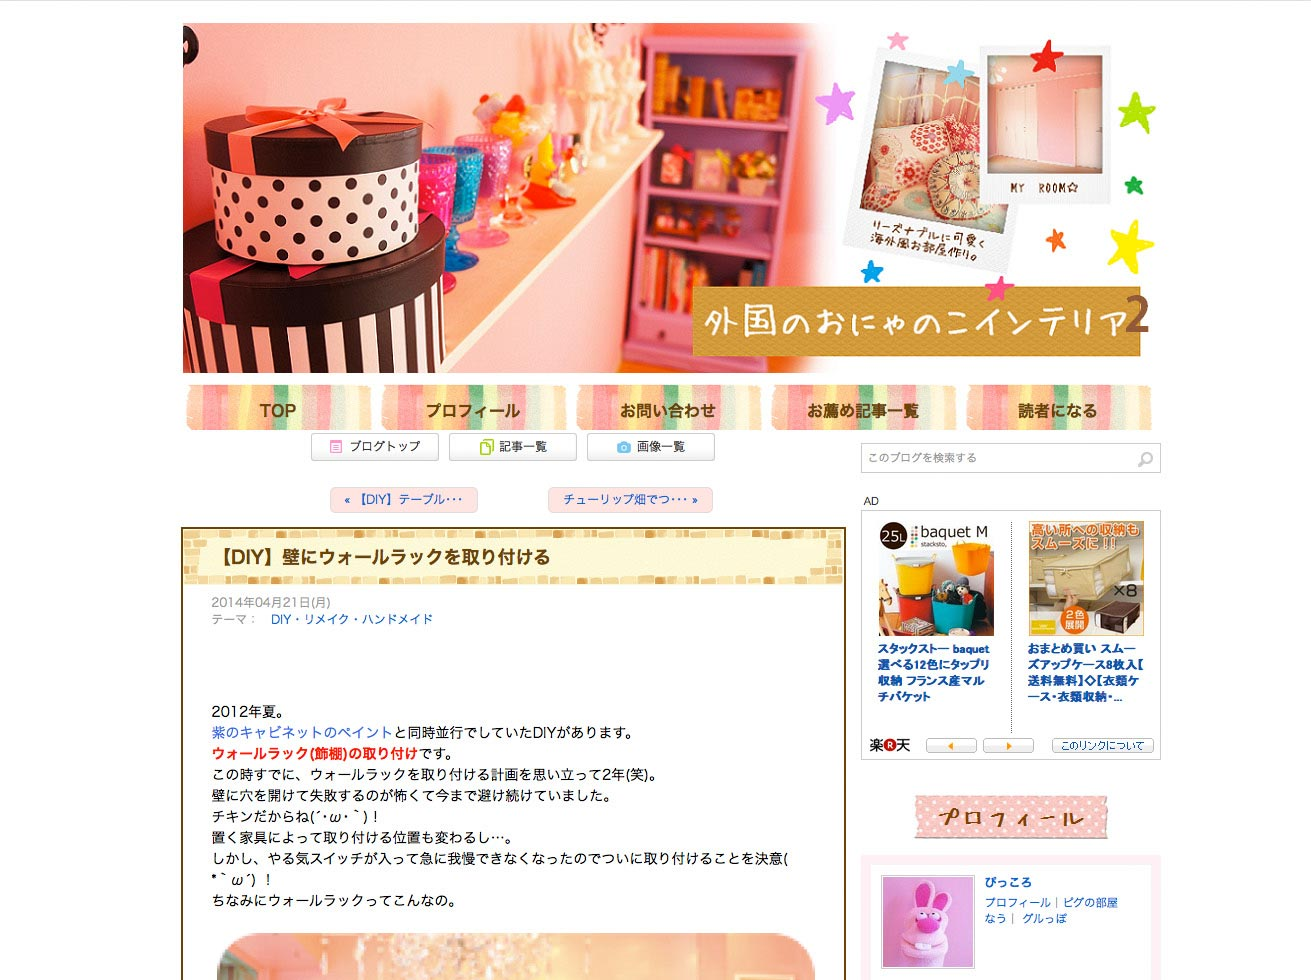 http://ameblo.jp/gaikokunoonyanoko2/entry-11827546363.html